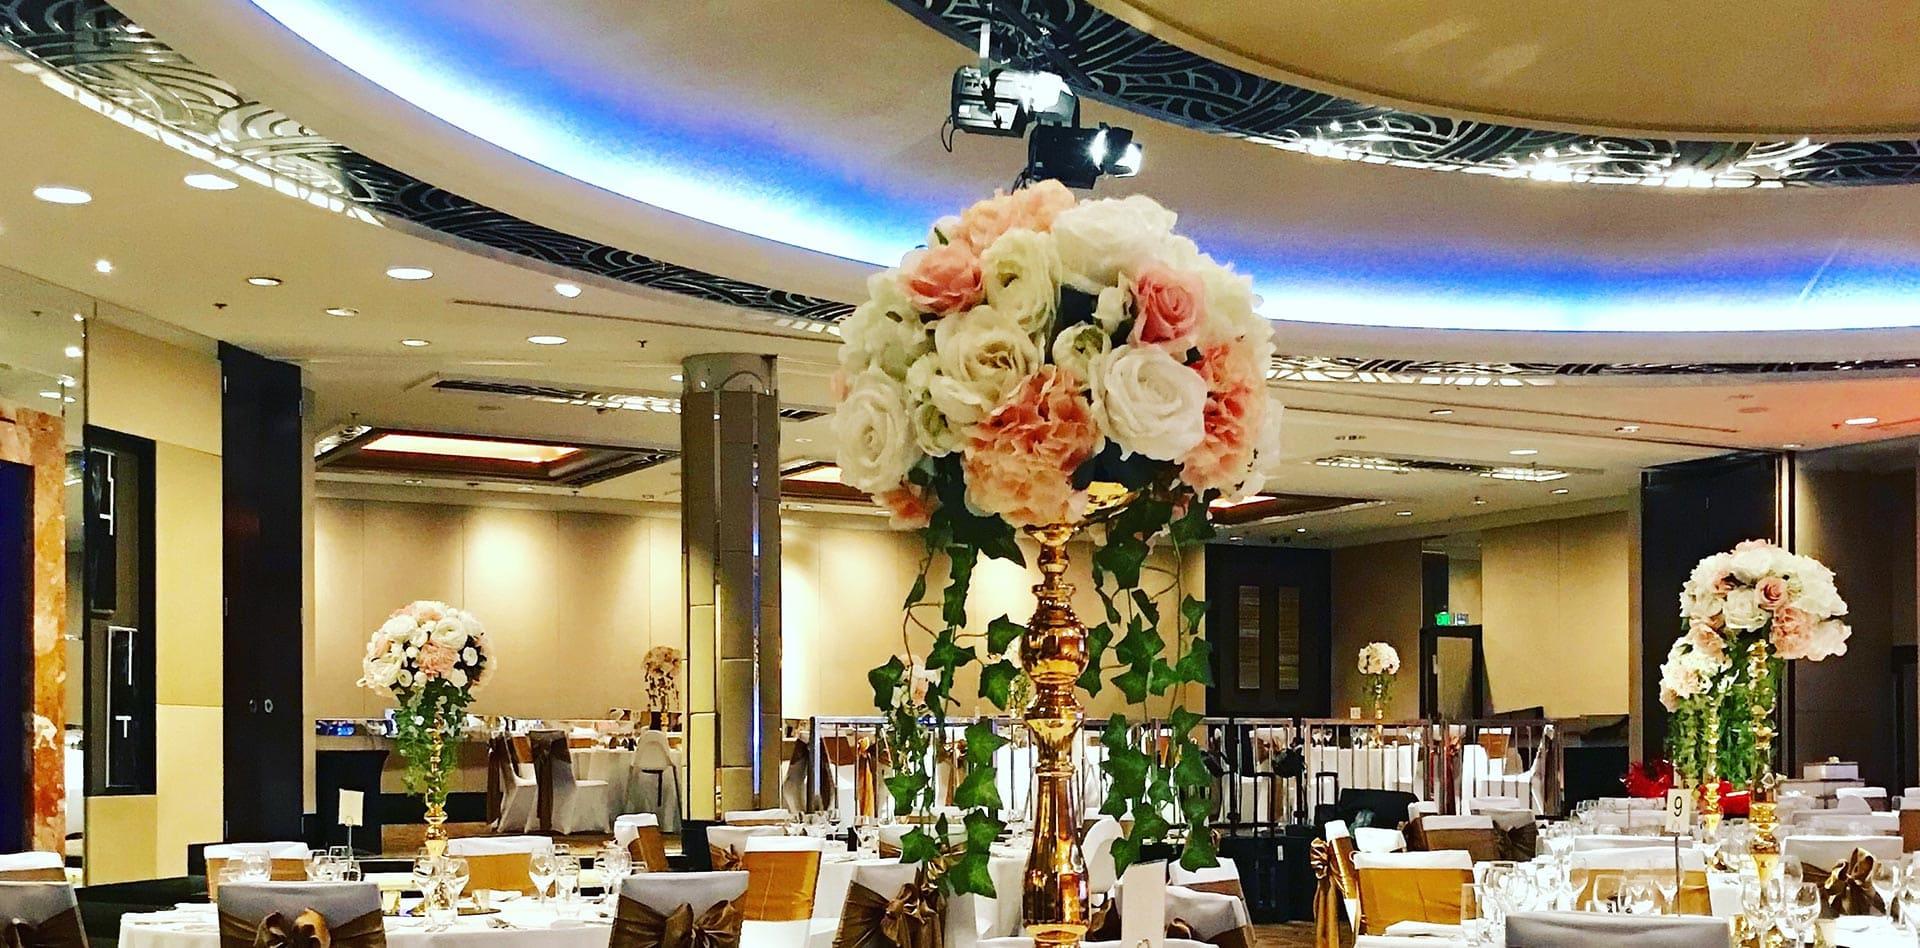 Event Decorations Melbourne Venue Event Party